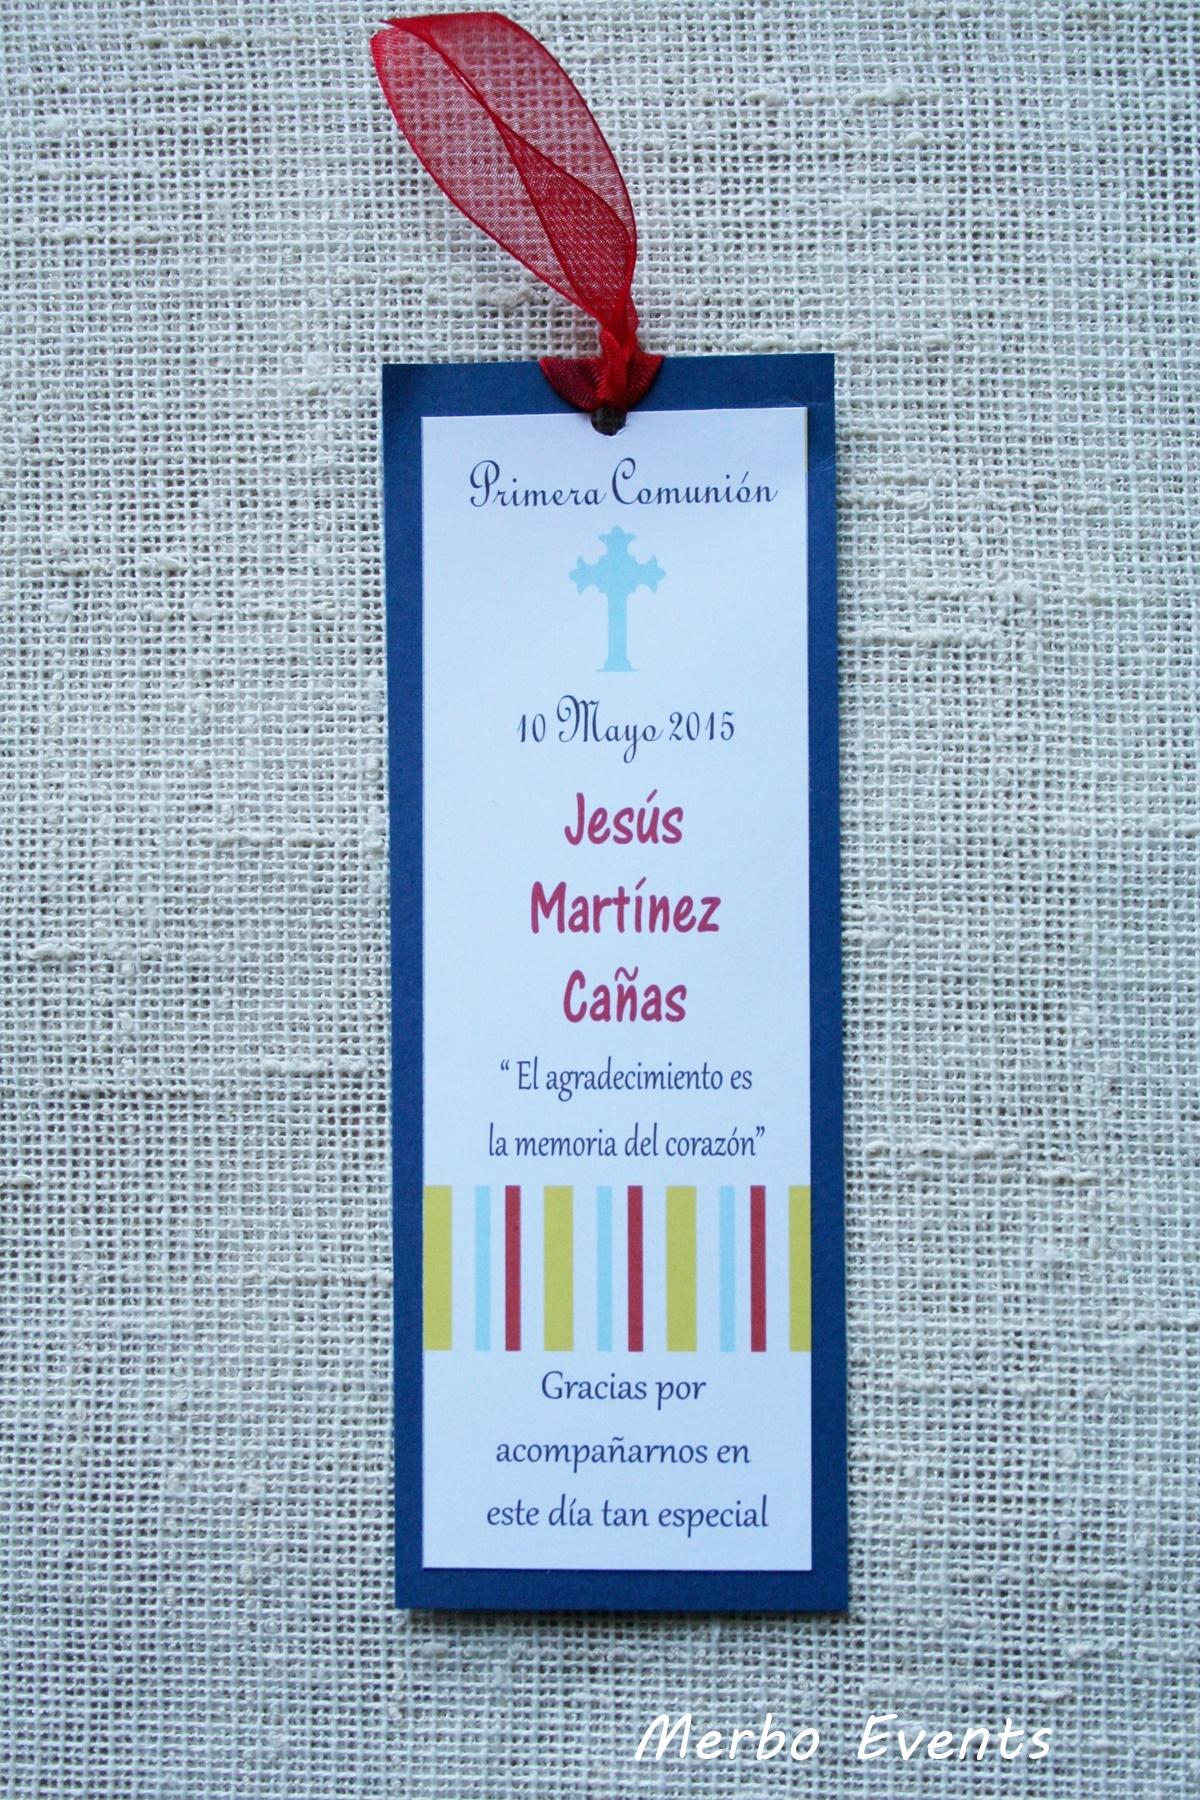 Conjunto invitaciones comunión  y punto de libro niño Modelo Italy Merbo Events